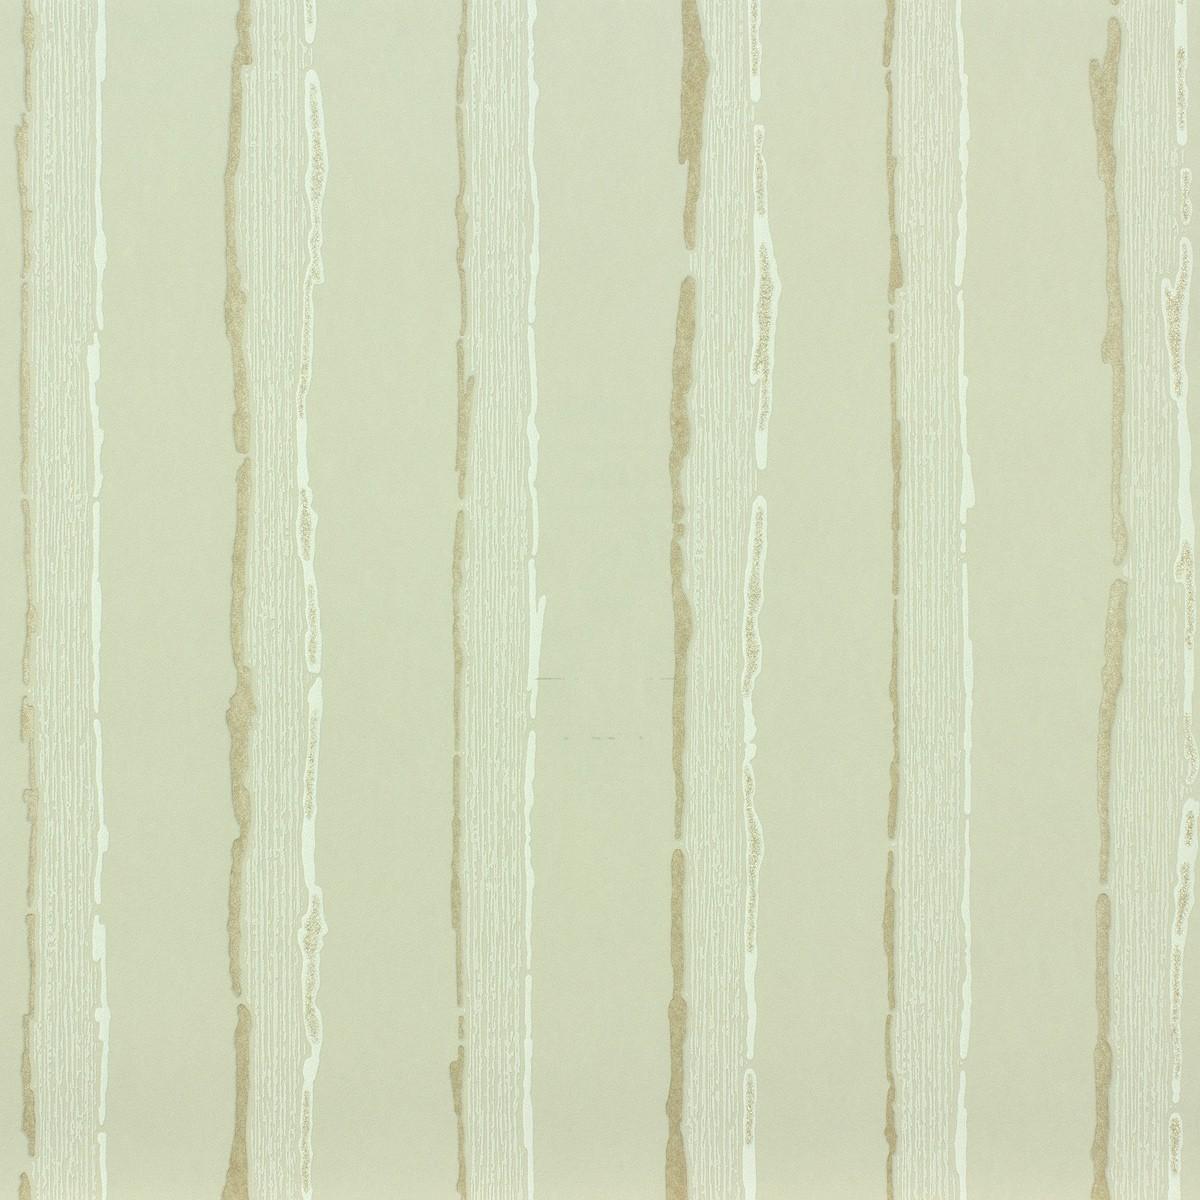 tapete sch ner wohnen 6 streifen beige 94363 2. Black Bedroom Furniture Sets. Home Design Ideas